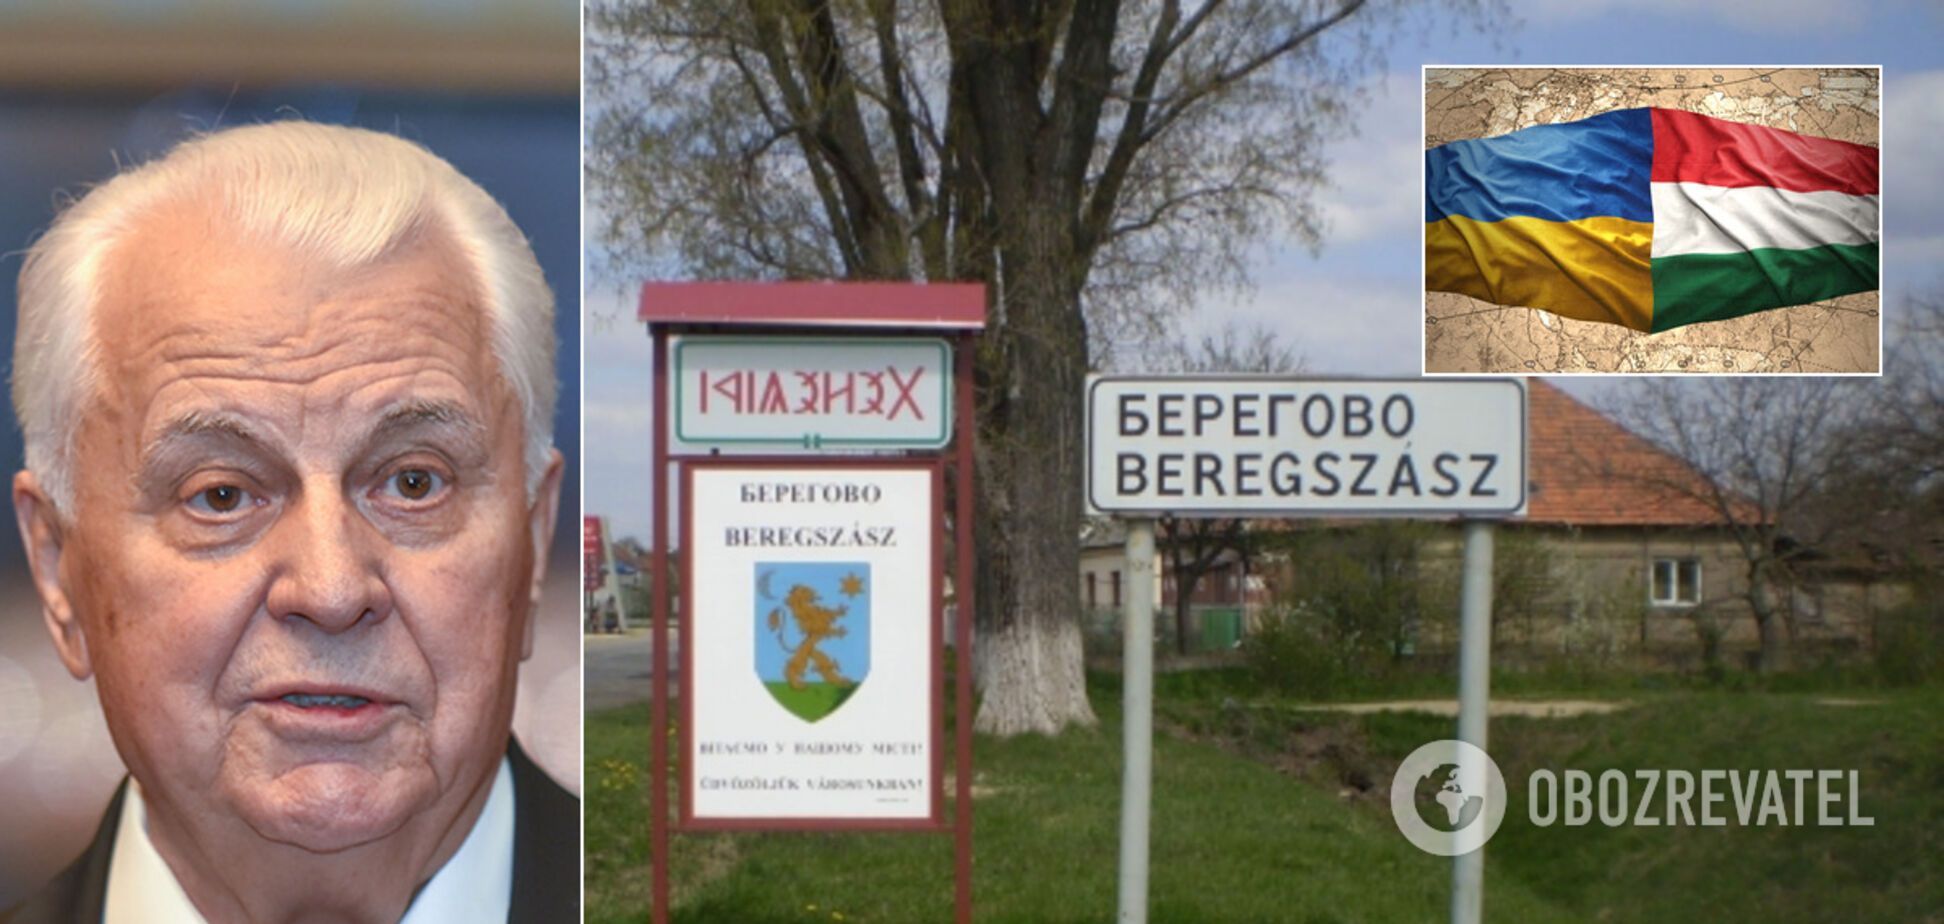 Кравчук призвал не сравнивать Берегово с Донбассом